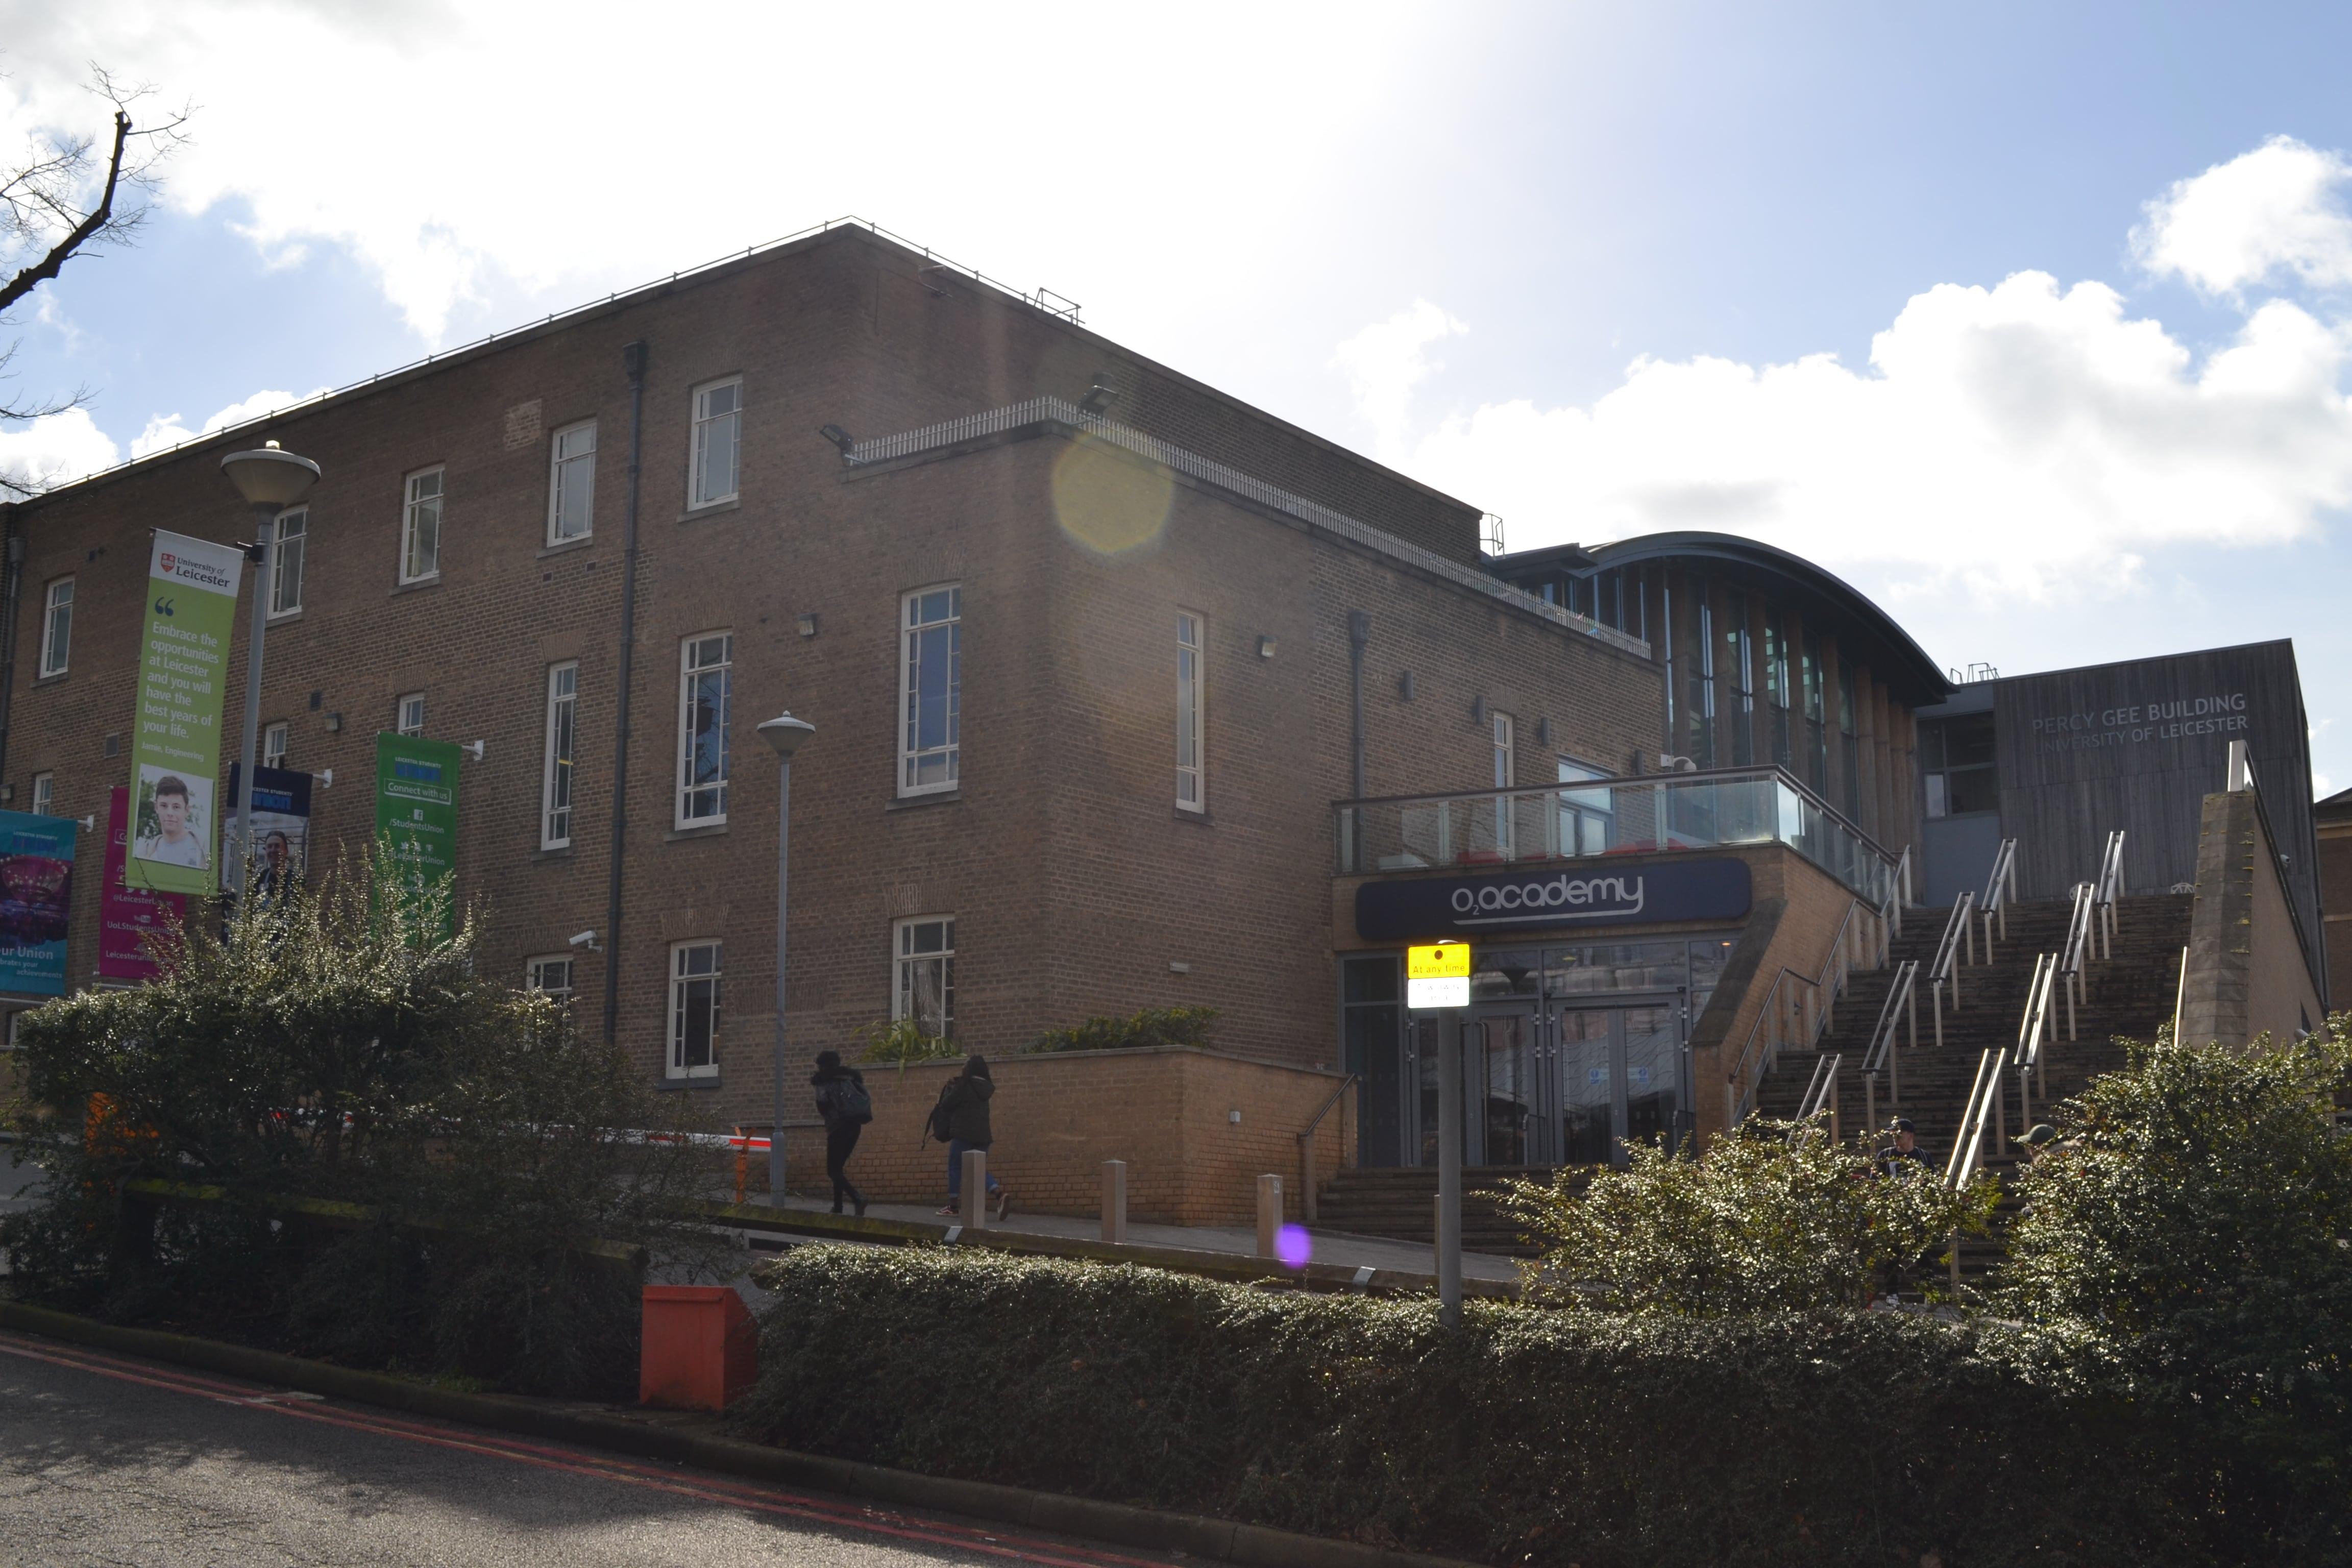 Здание O2 Academy или Students' Union.